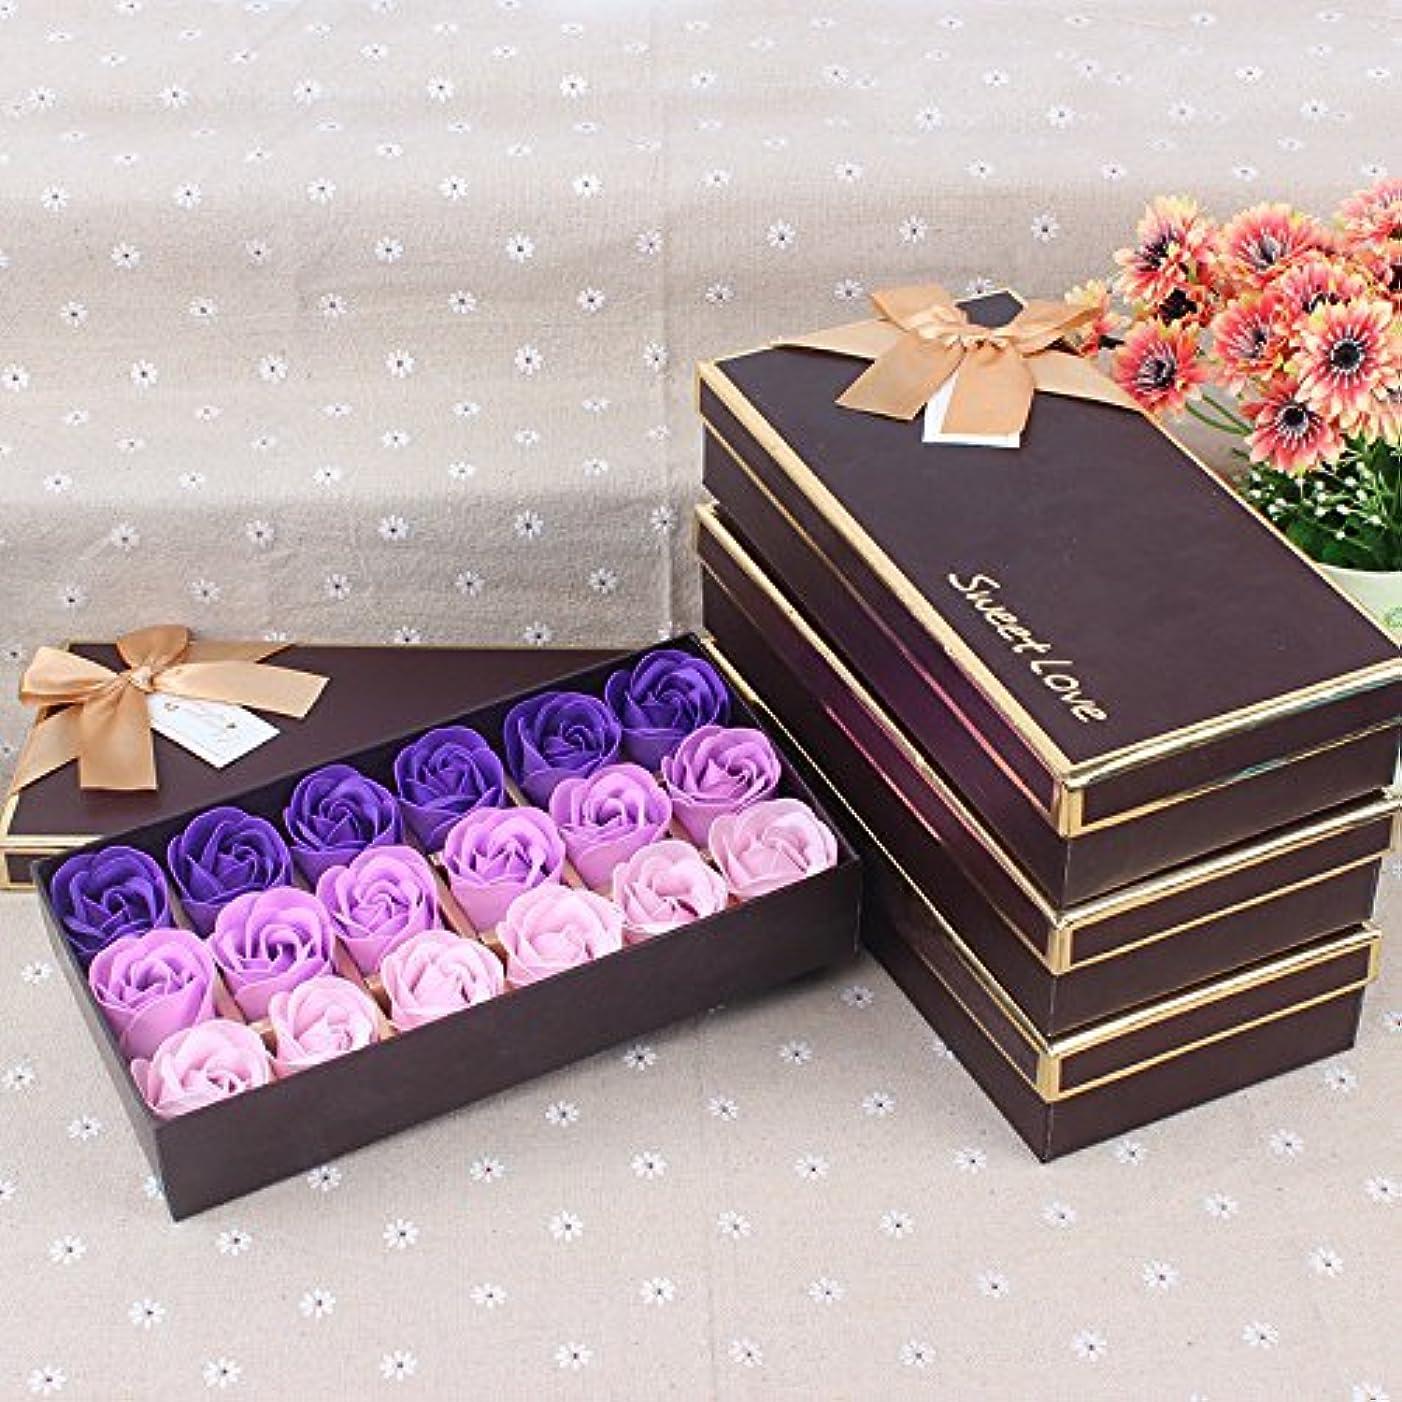 余分なつらい軽食Weryn(TM)結婚式のためのギフトボックスバレンタインデーの愛の贈り物で18バラセット香りの入浴ソープローズソープ花びら[Purplegradient]